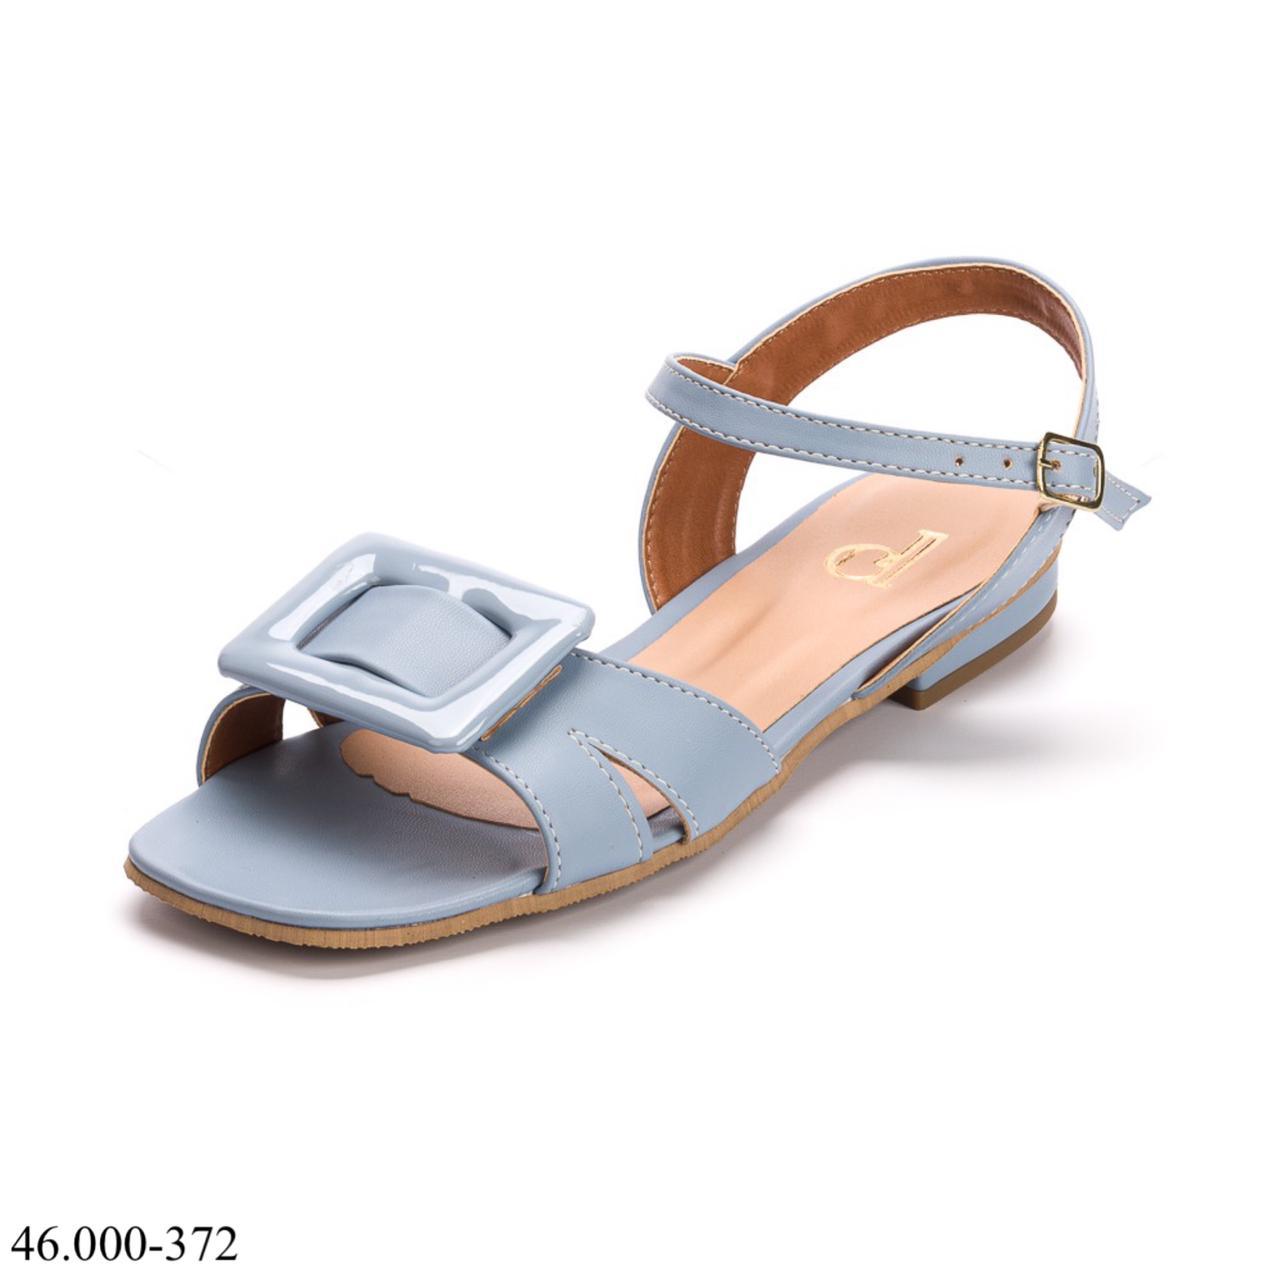 Sandália Azul Salto Baixo | D-46.000-372